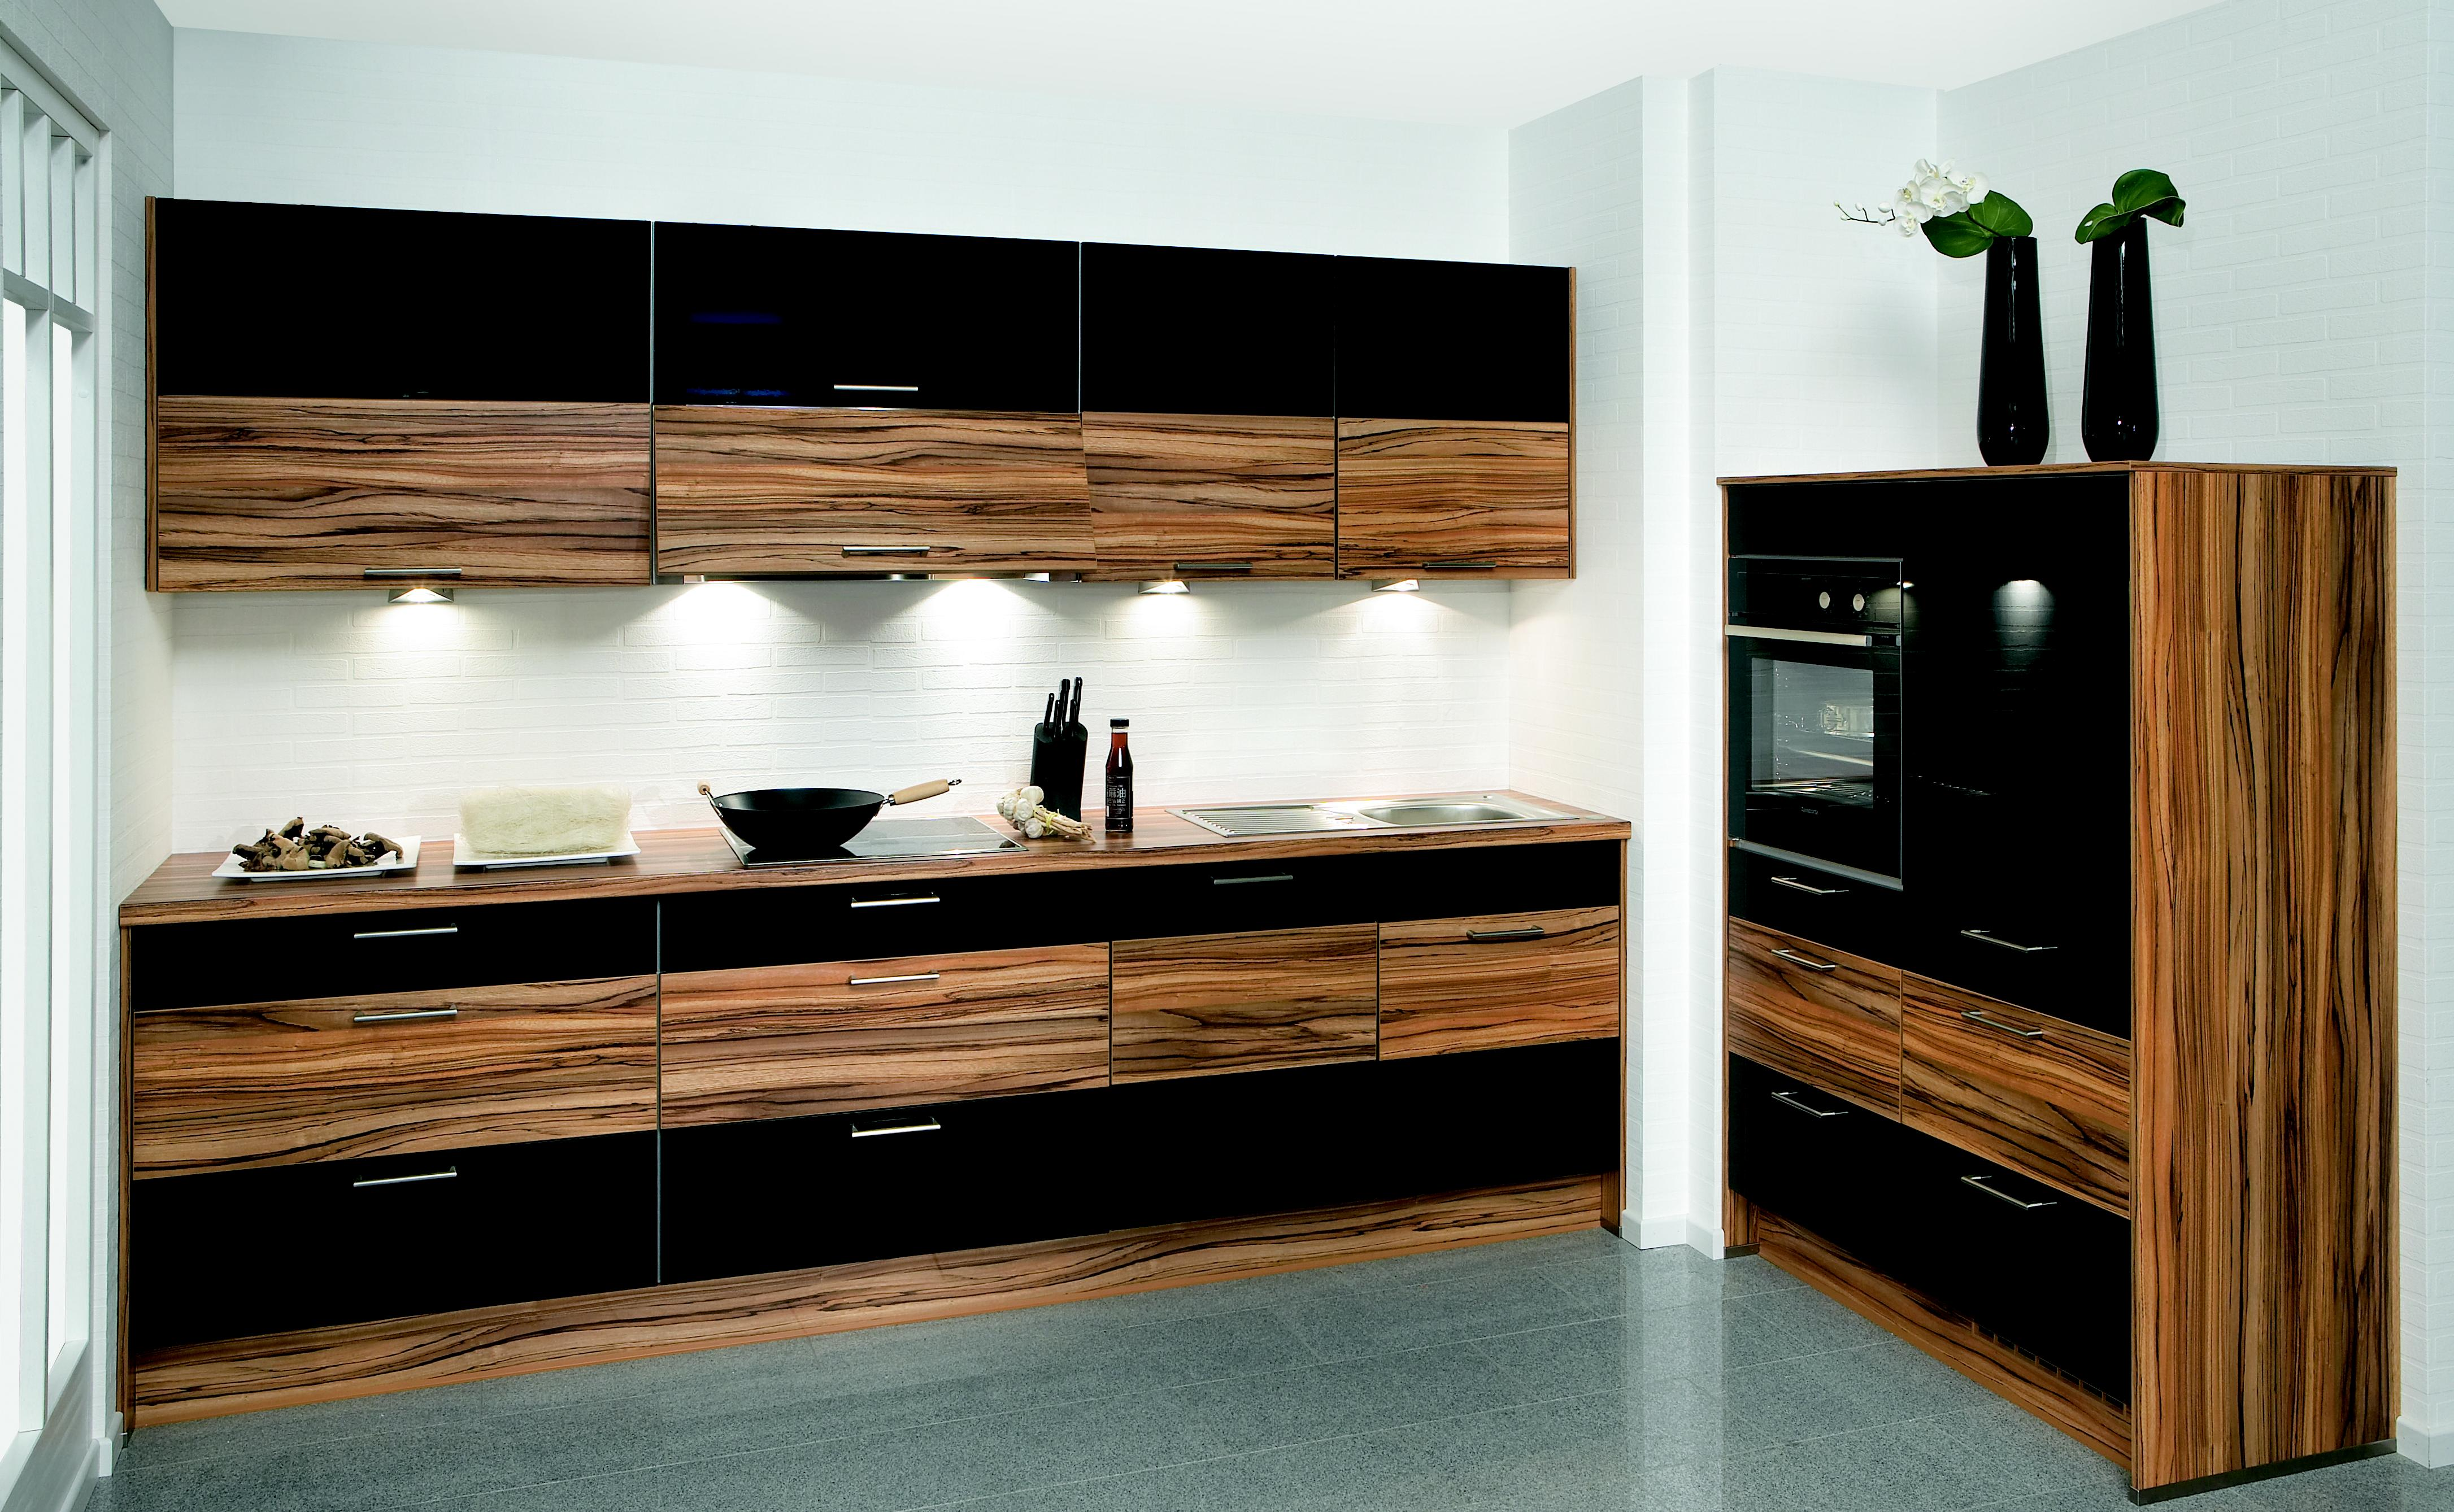 Fabrica de muebles de cocina en madrid poro abierto en - Fabrica de cocinas en madrid ...